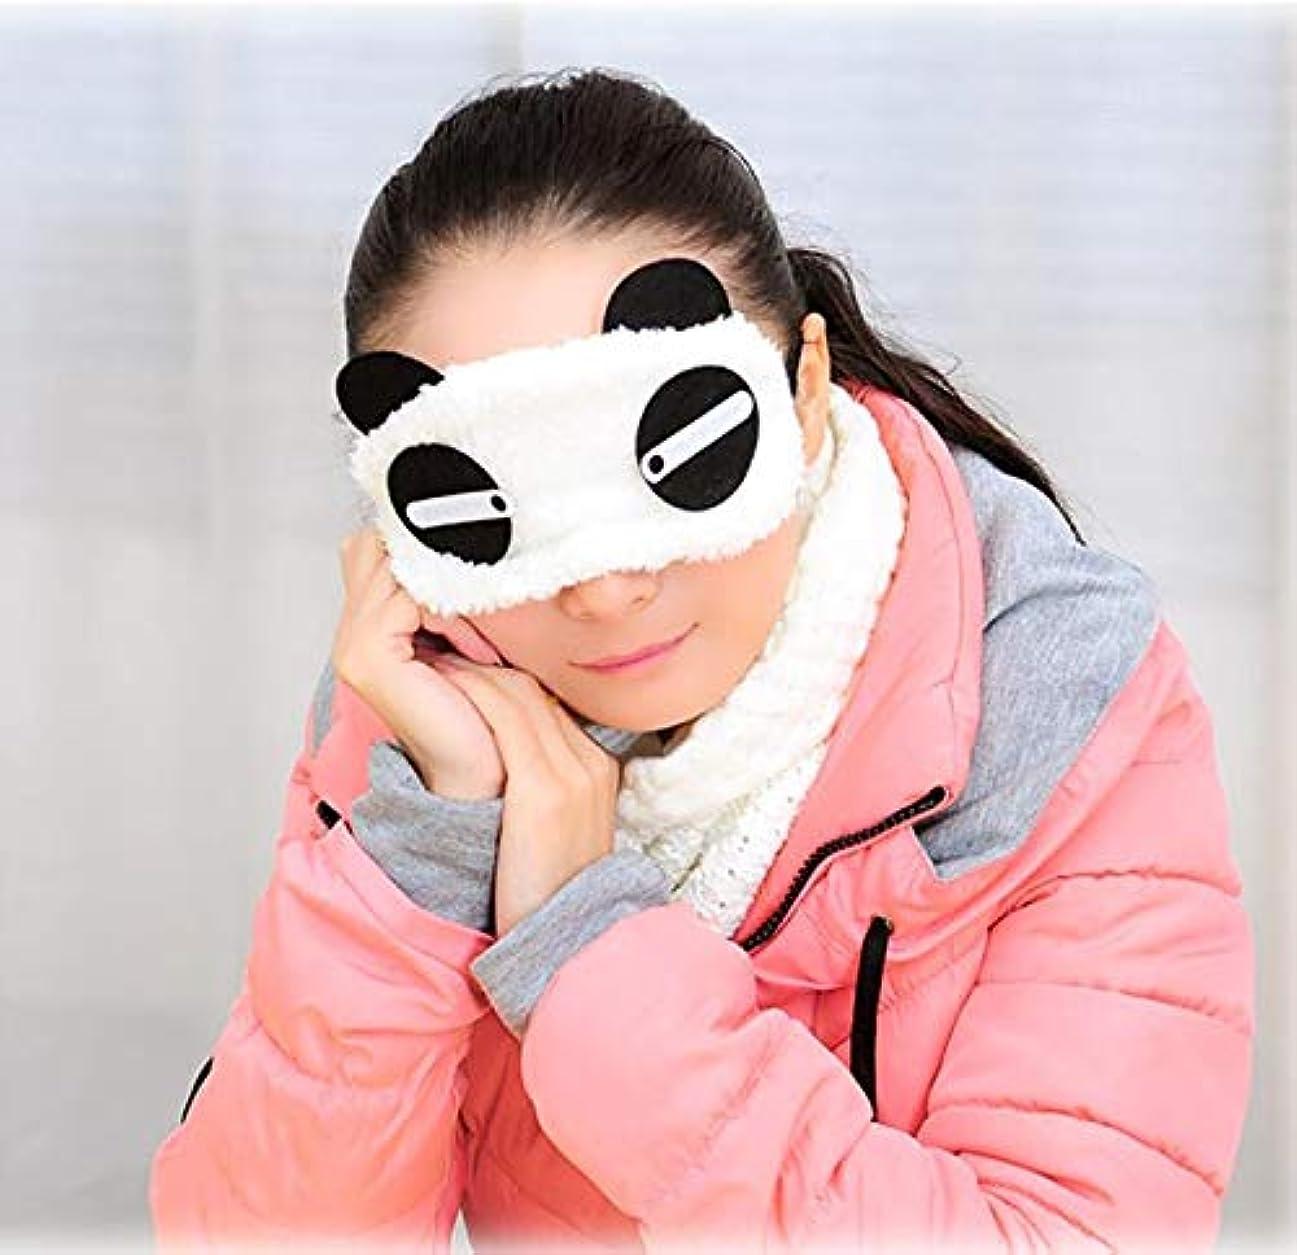 賞六月求人NOTE かわいいパンダアイマスクアイシェードシェーディング睡眠コットンゴーグルアイマスク睡眠マスクアイカバーヘルスケア睡眠アイマスクドロップシップ